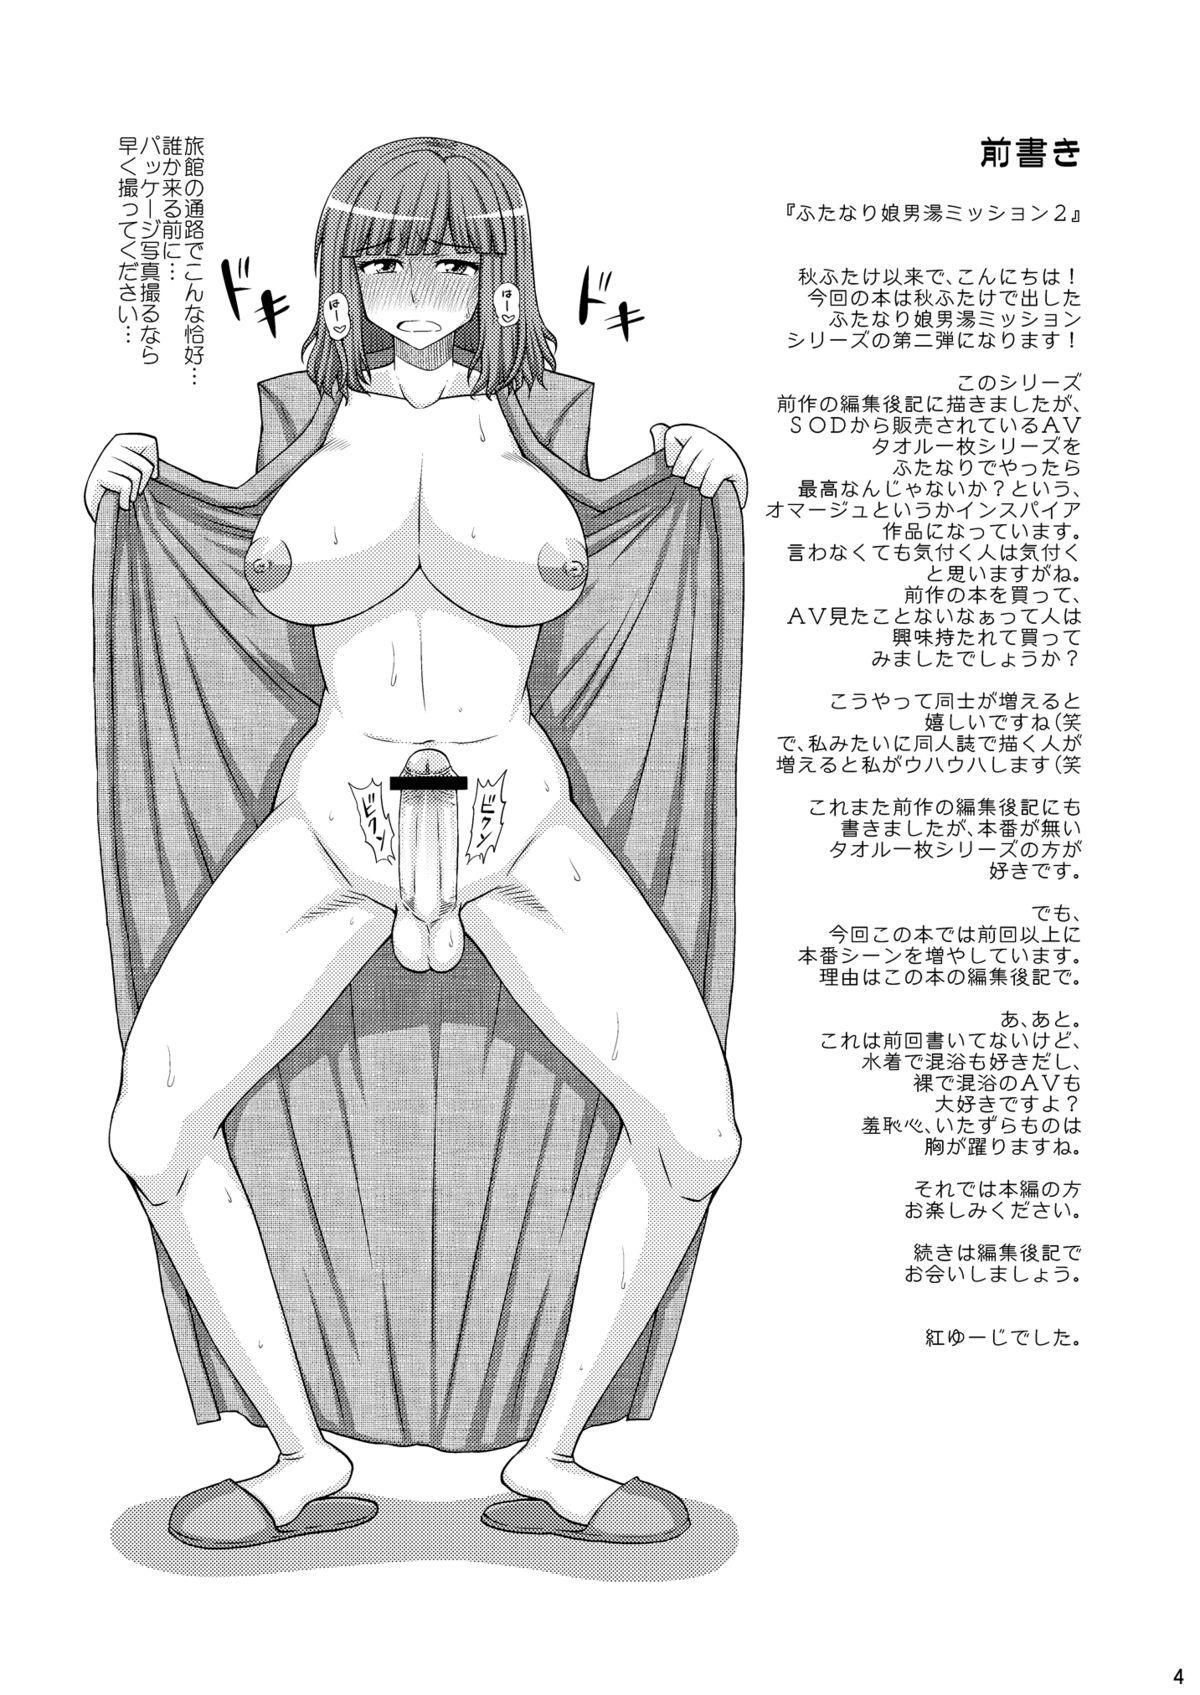 Futanari Musume Otokoyu Mission 2 2